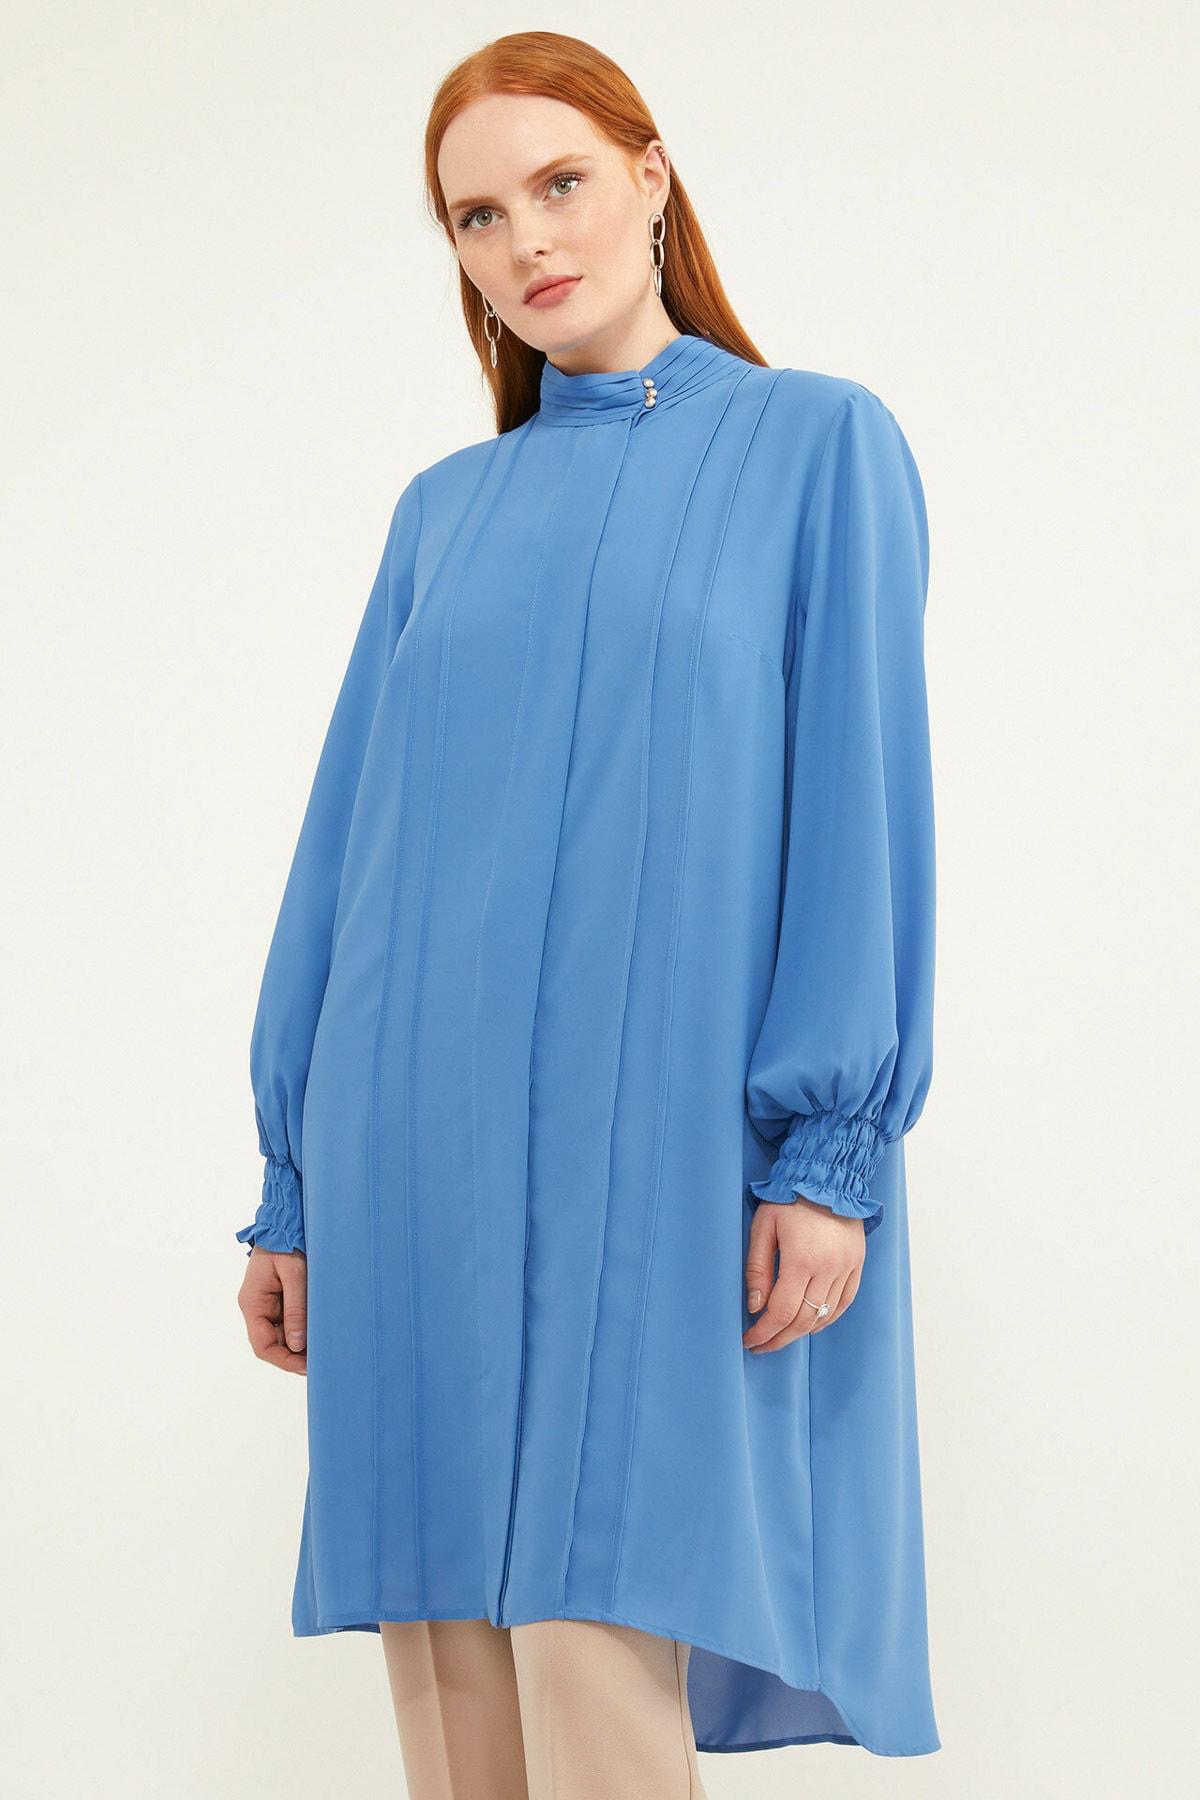 Aker Kadın Büyük Beden Biyeli Mavi Tunik V158970110 2